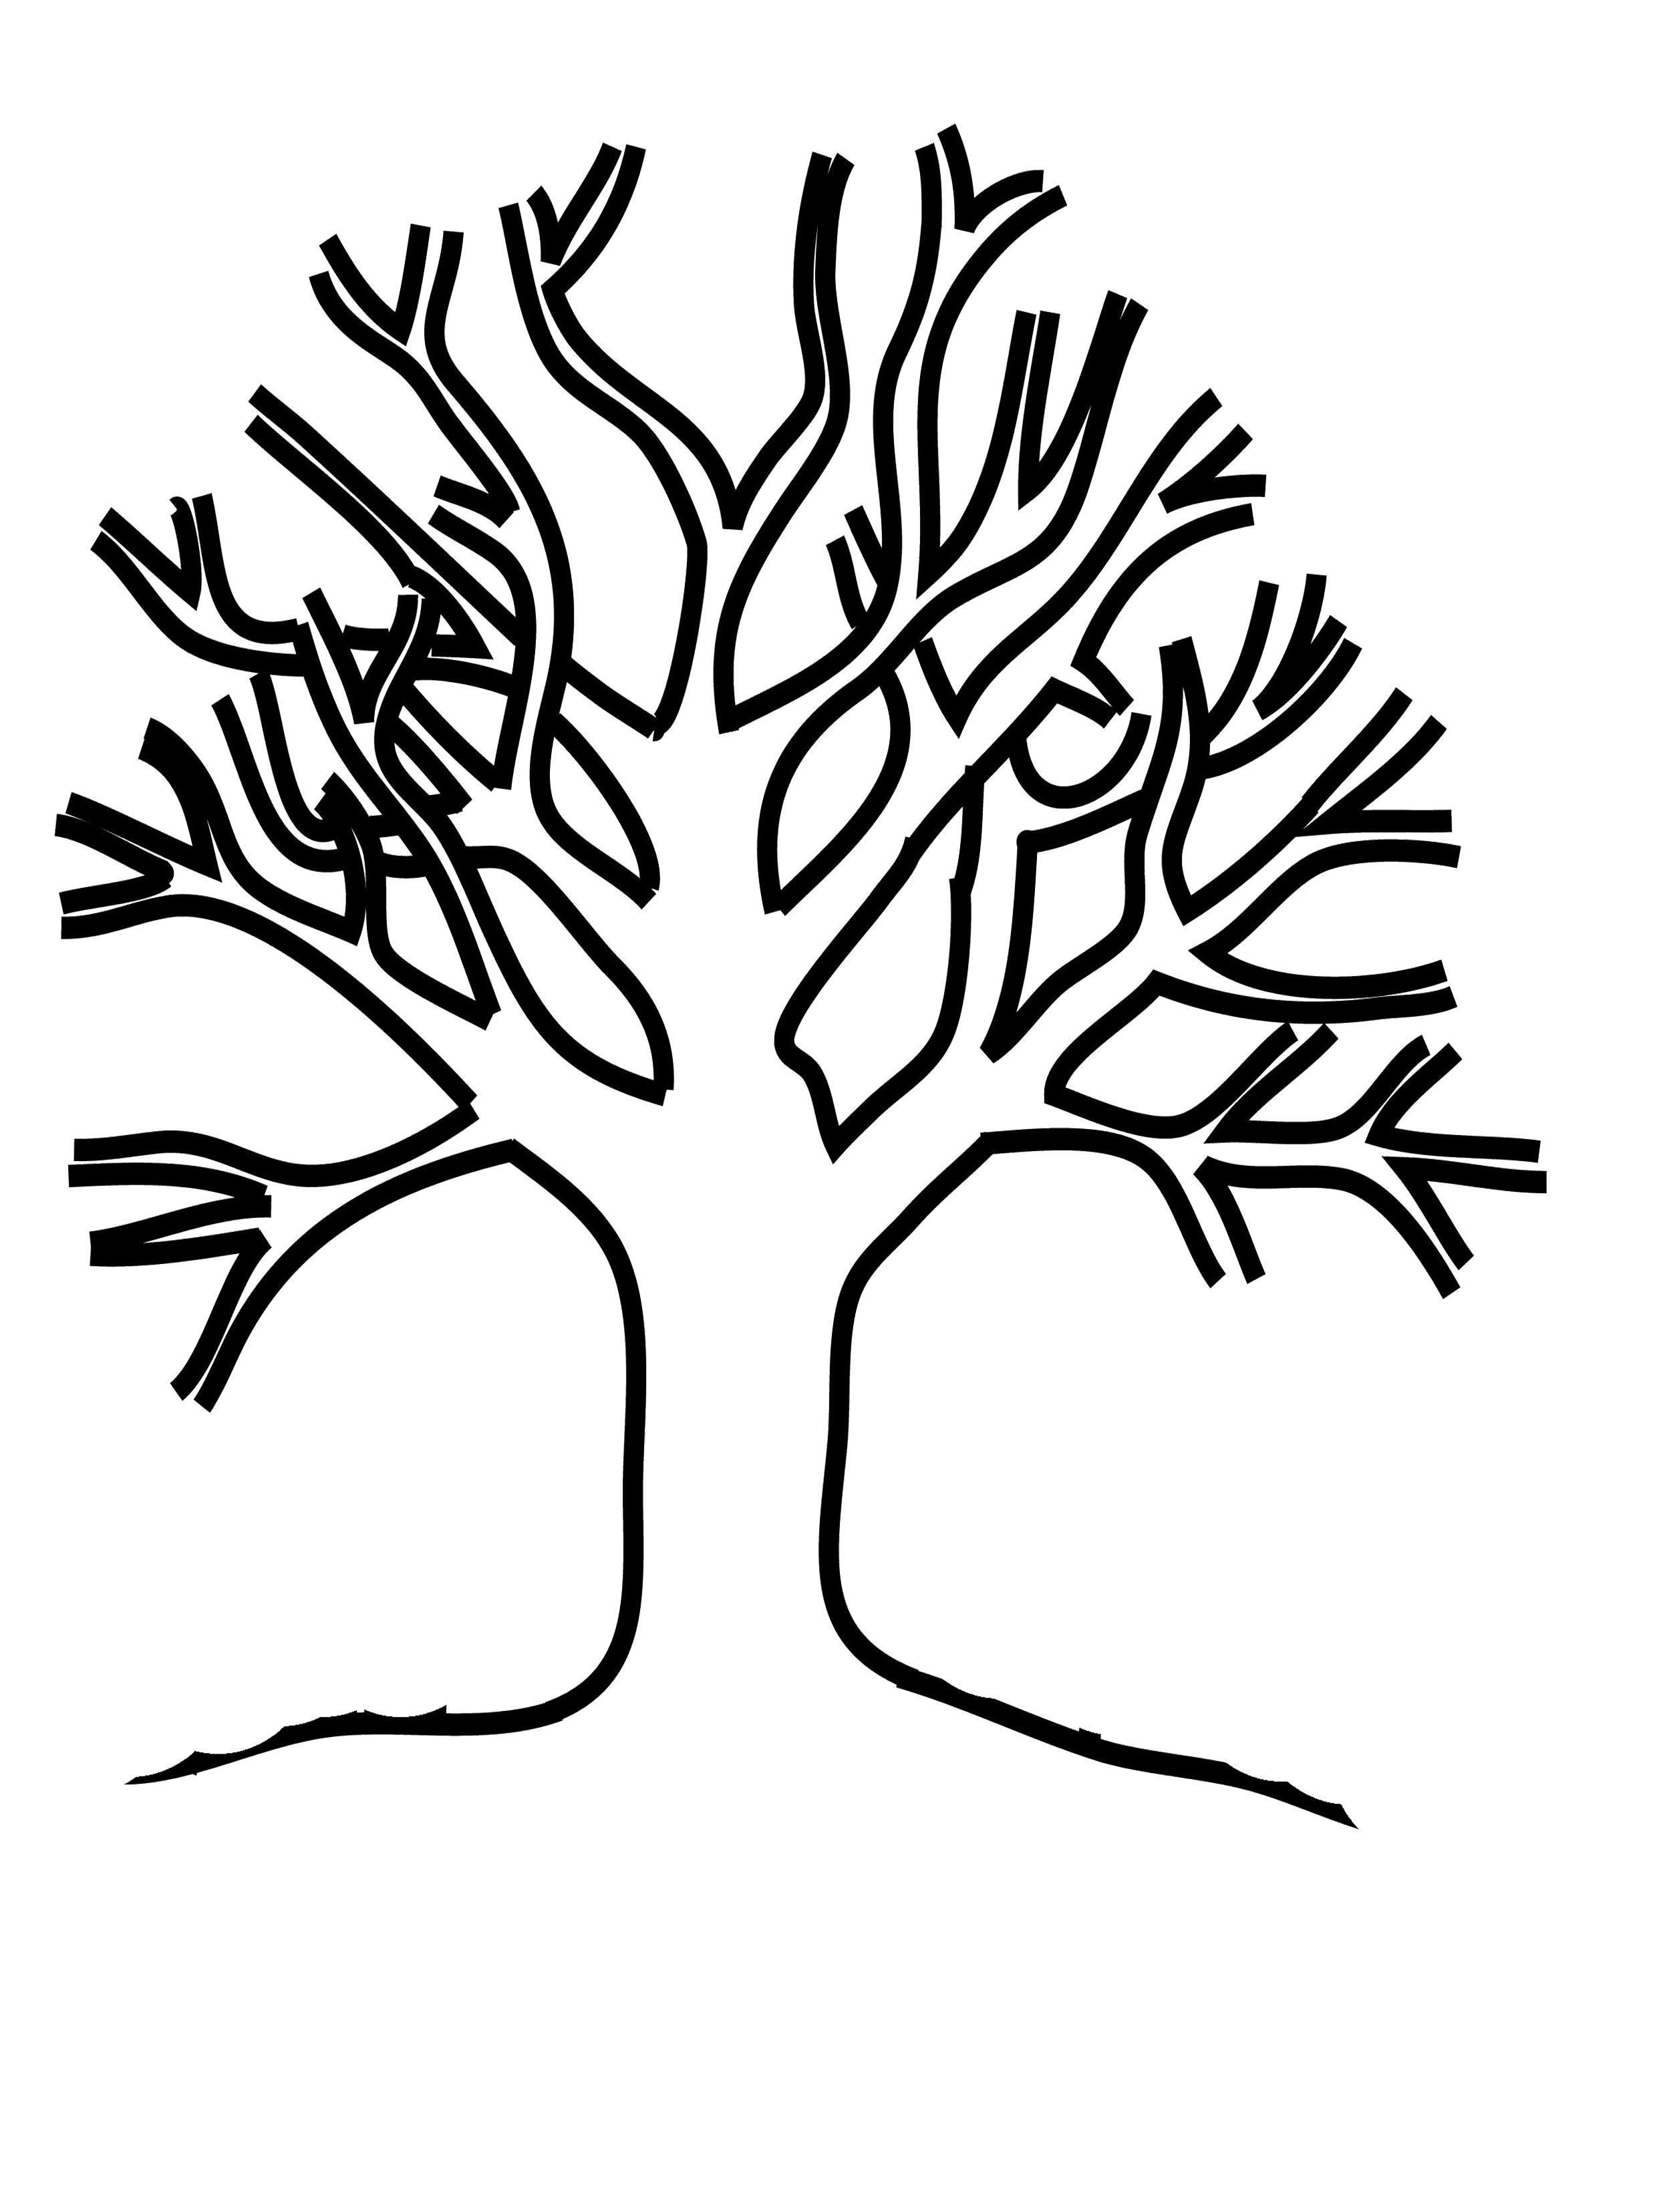 Malvorlage Winter Baum - tippsvorlage - tippsvorlage